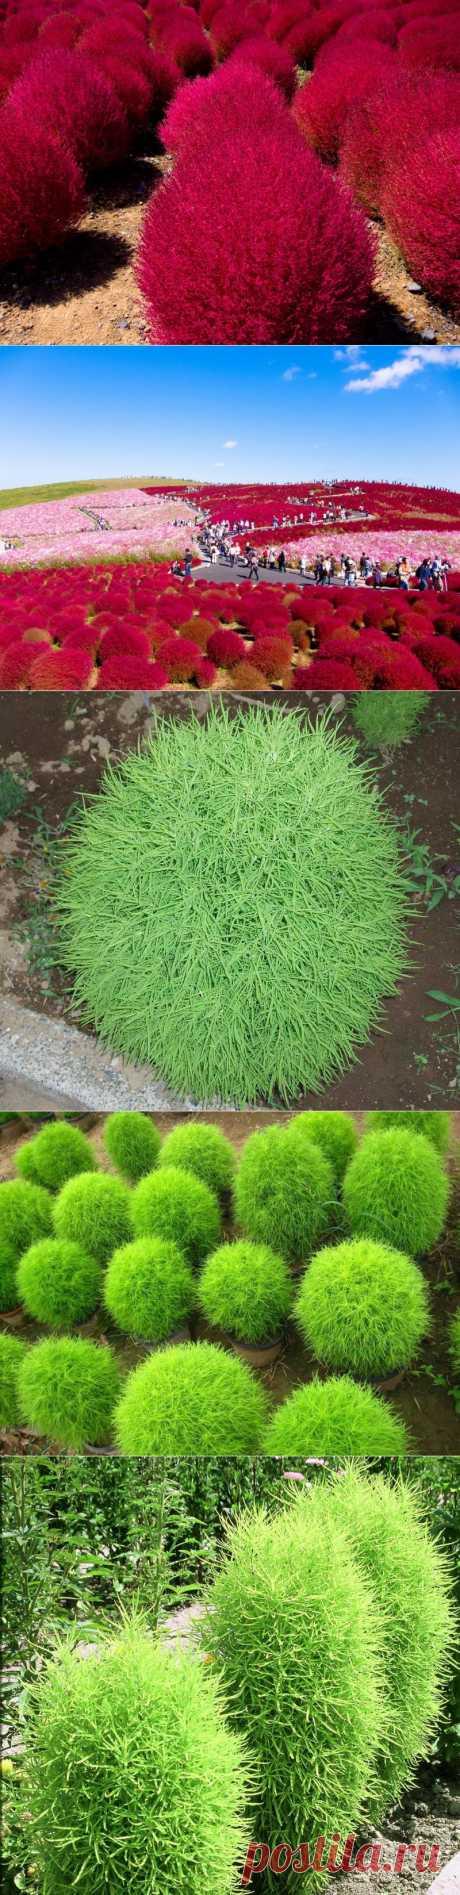 """Кохия, или """"летний кипр"""". Посадка, уход. размножение и виды. Это – очень эффектное, с необычной декоративной листвой растение, любимое мною за оригинальность формы, а также за способность, в зависимости от фантазии, менять эту форму."""